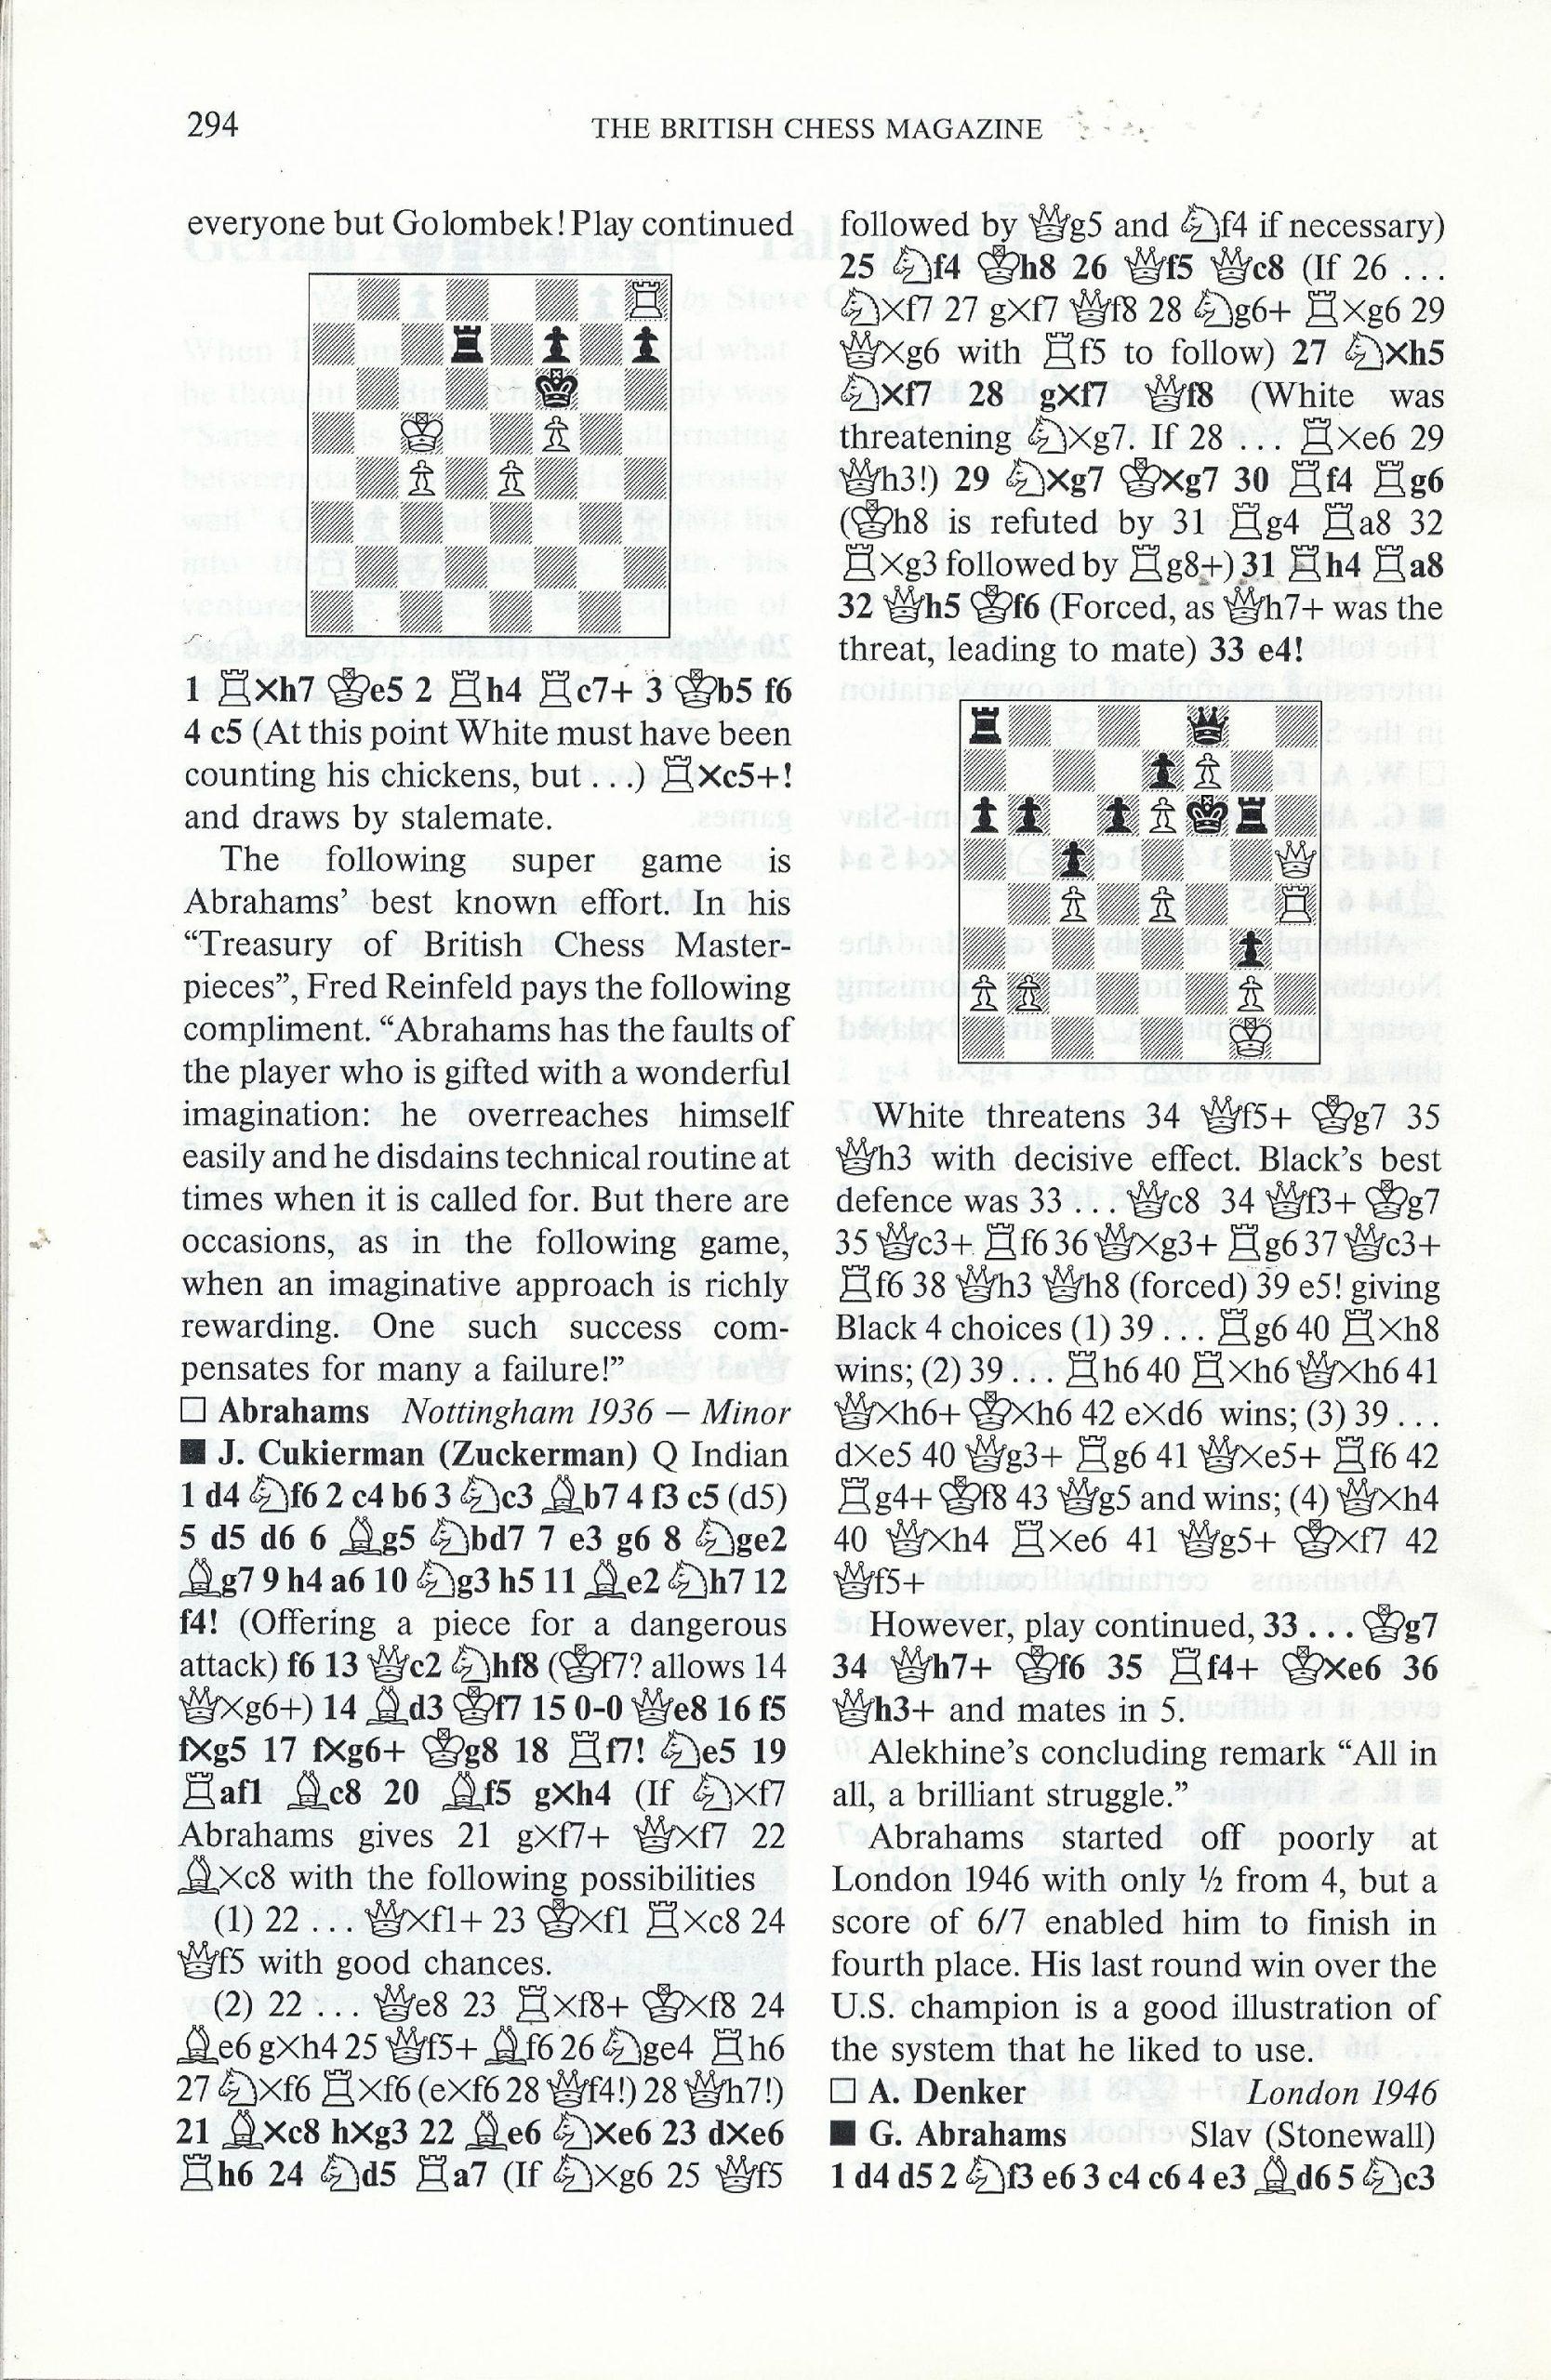 British Chess Magazine, Volume CVIII (1988), Number 7 (July), pp. 294